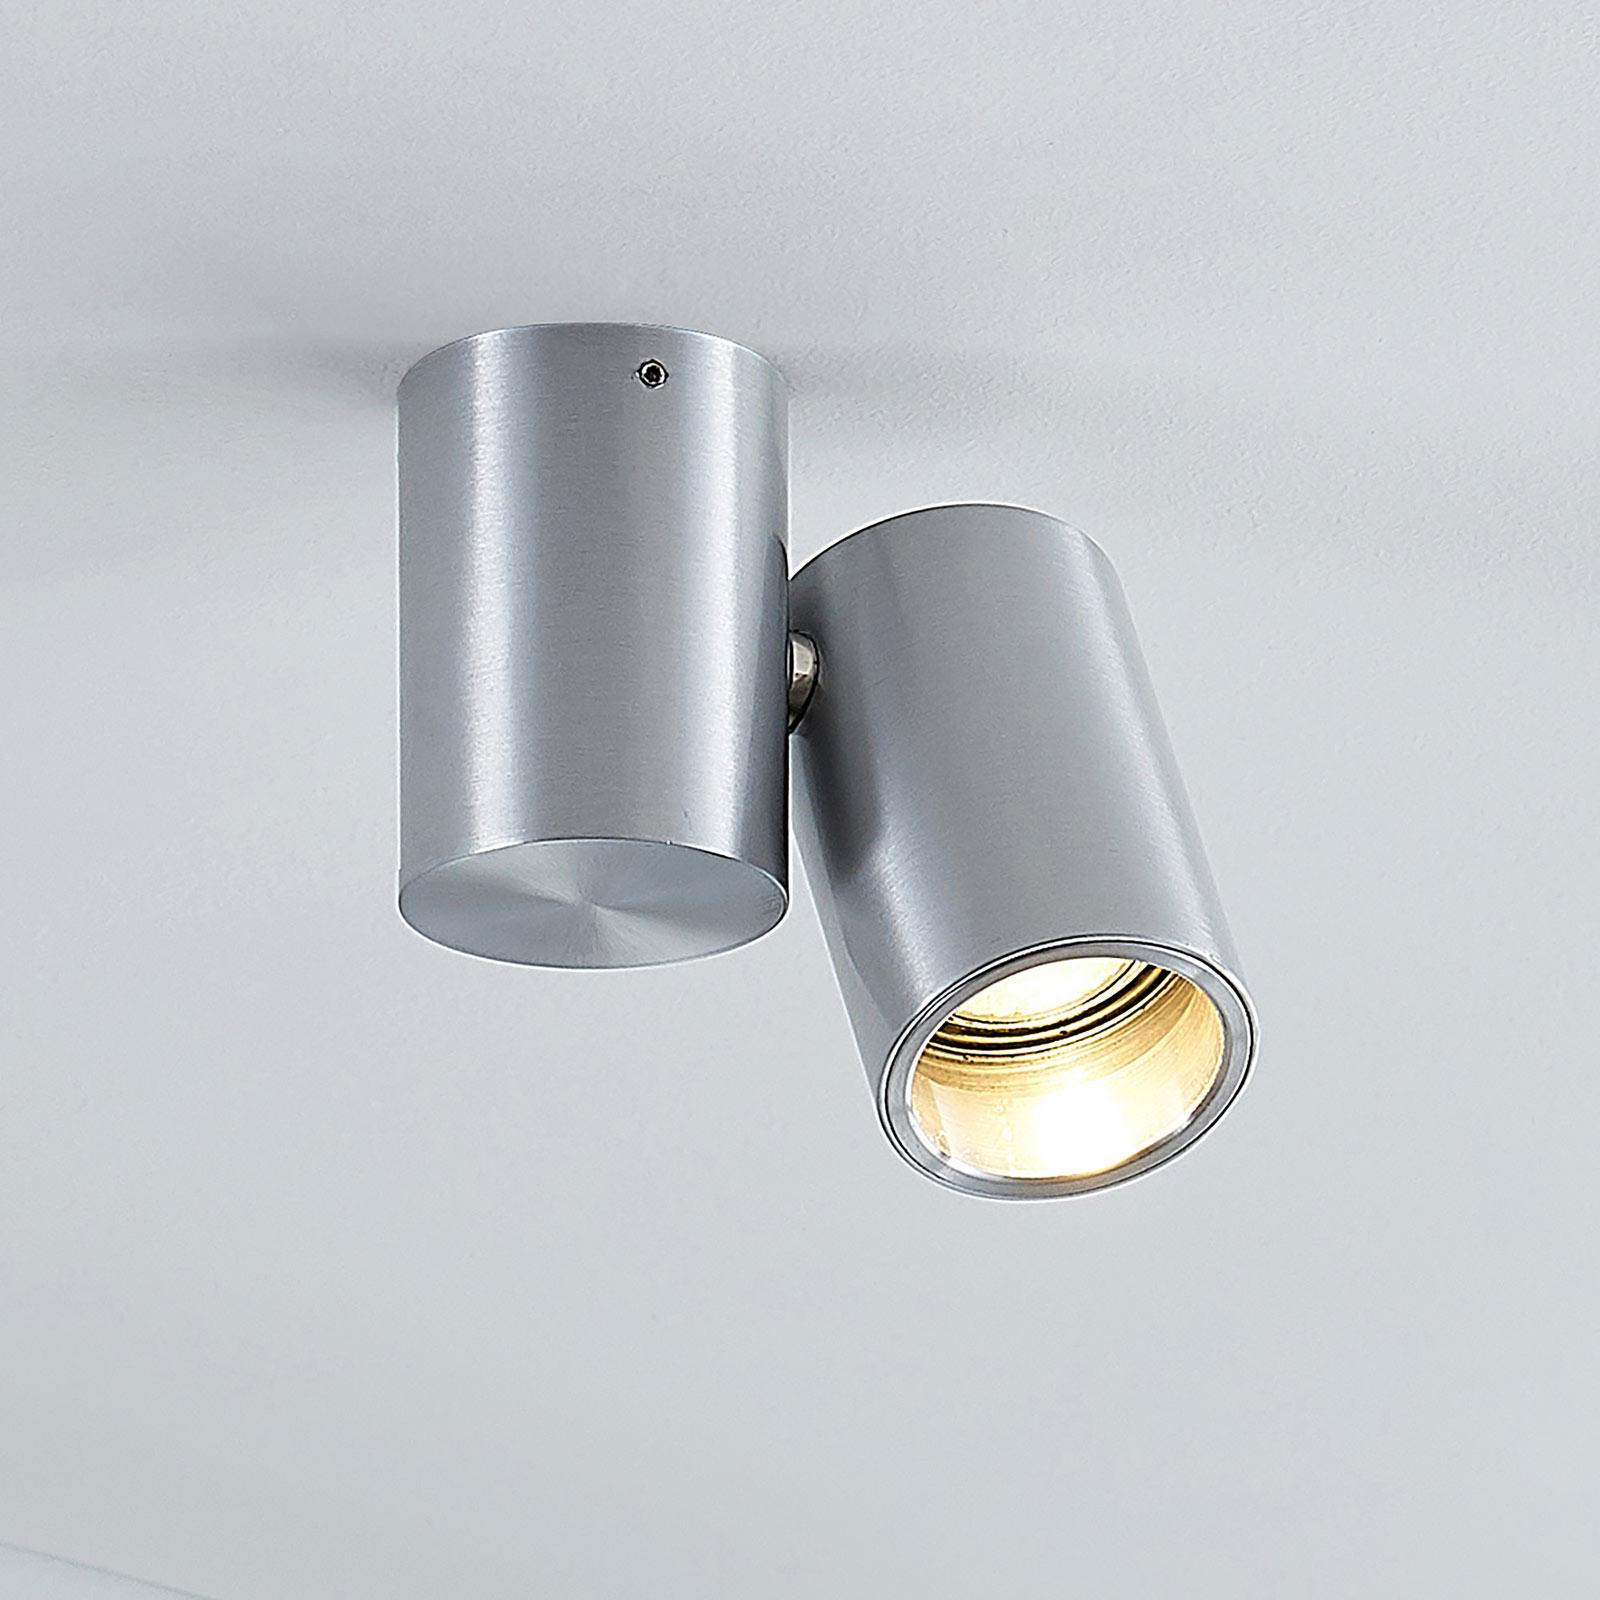 Lampa sufitowa Gesina, 1-punktowa, aluminium